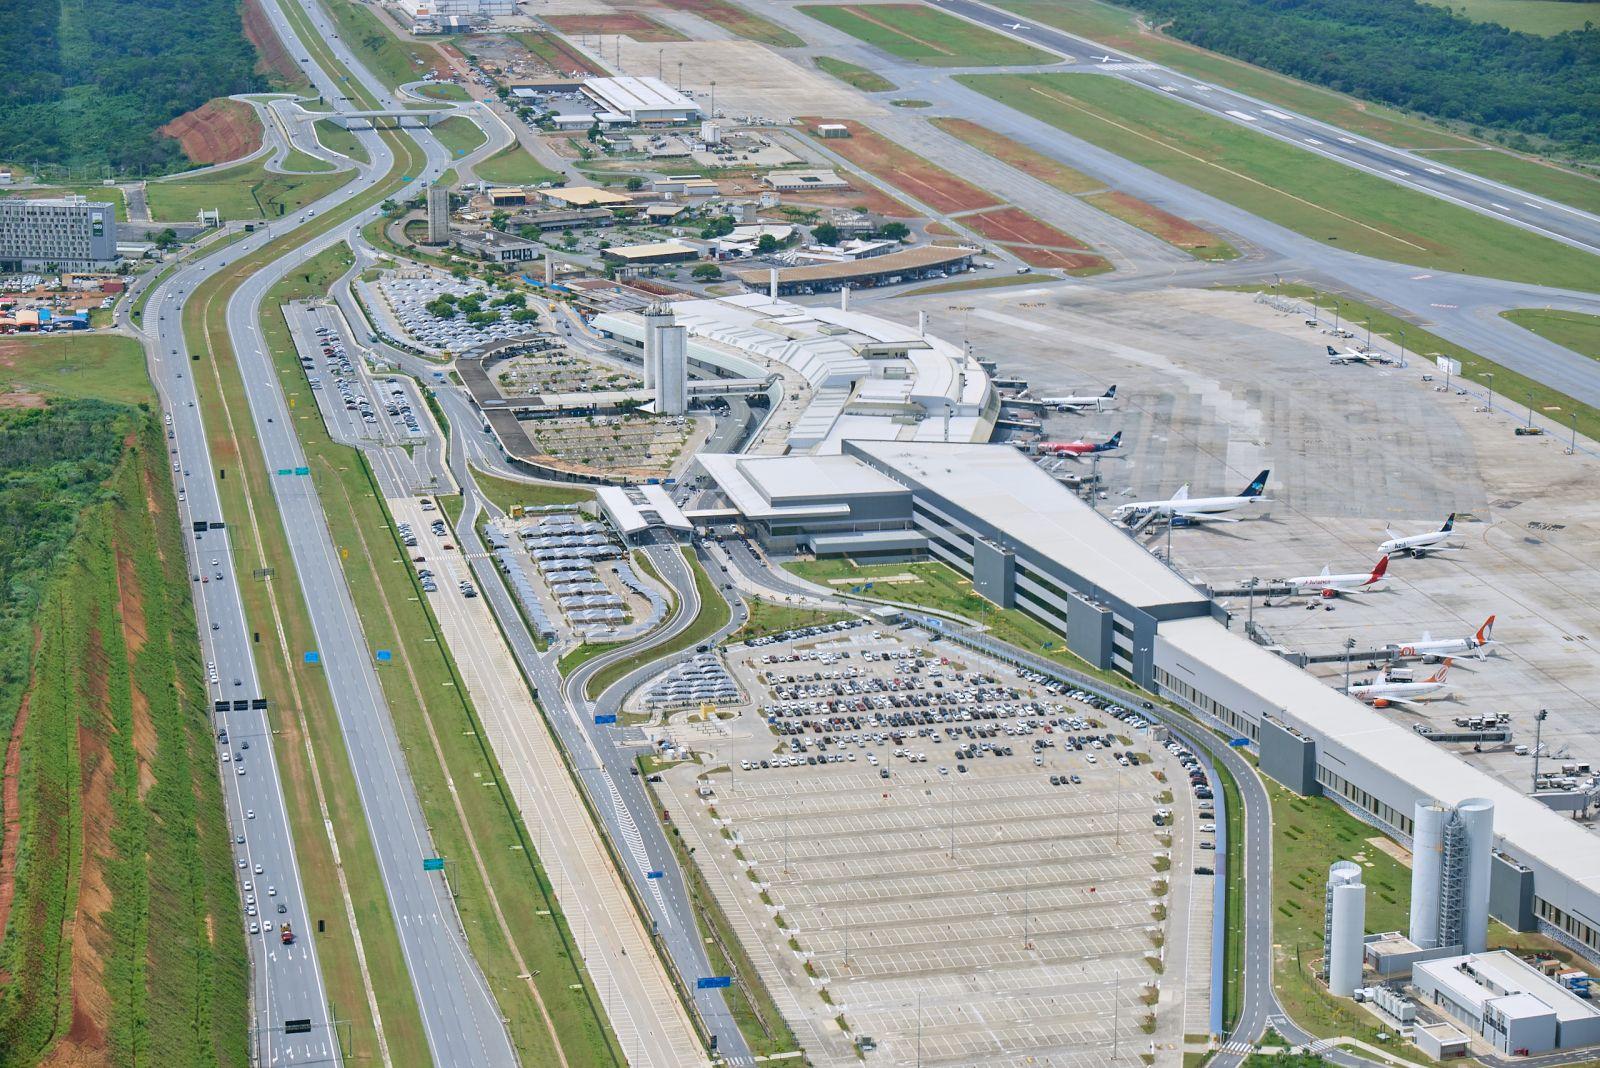 Aeroporto Internacional de BH é o primeiro do país a ser reconhecido por reduzir as emissões de gases de efeito estufa